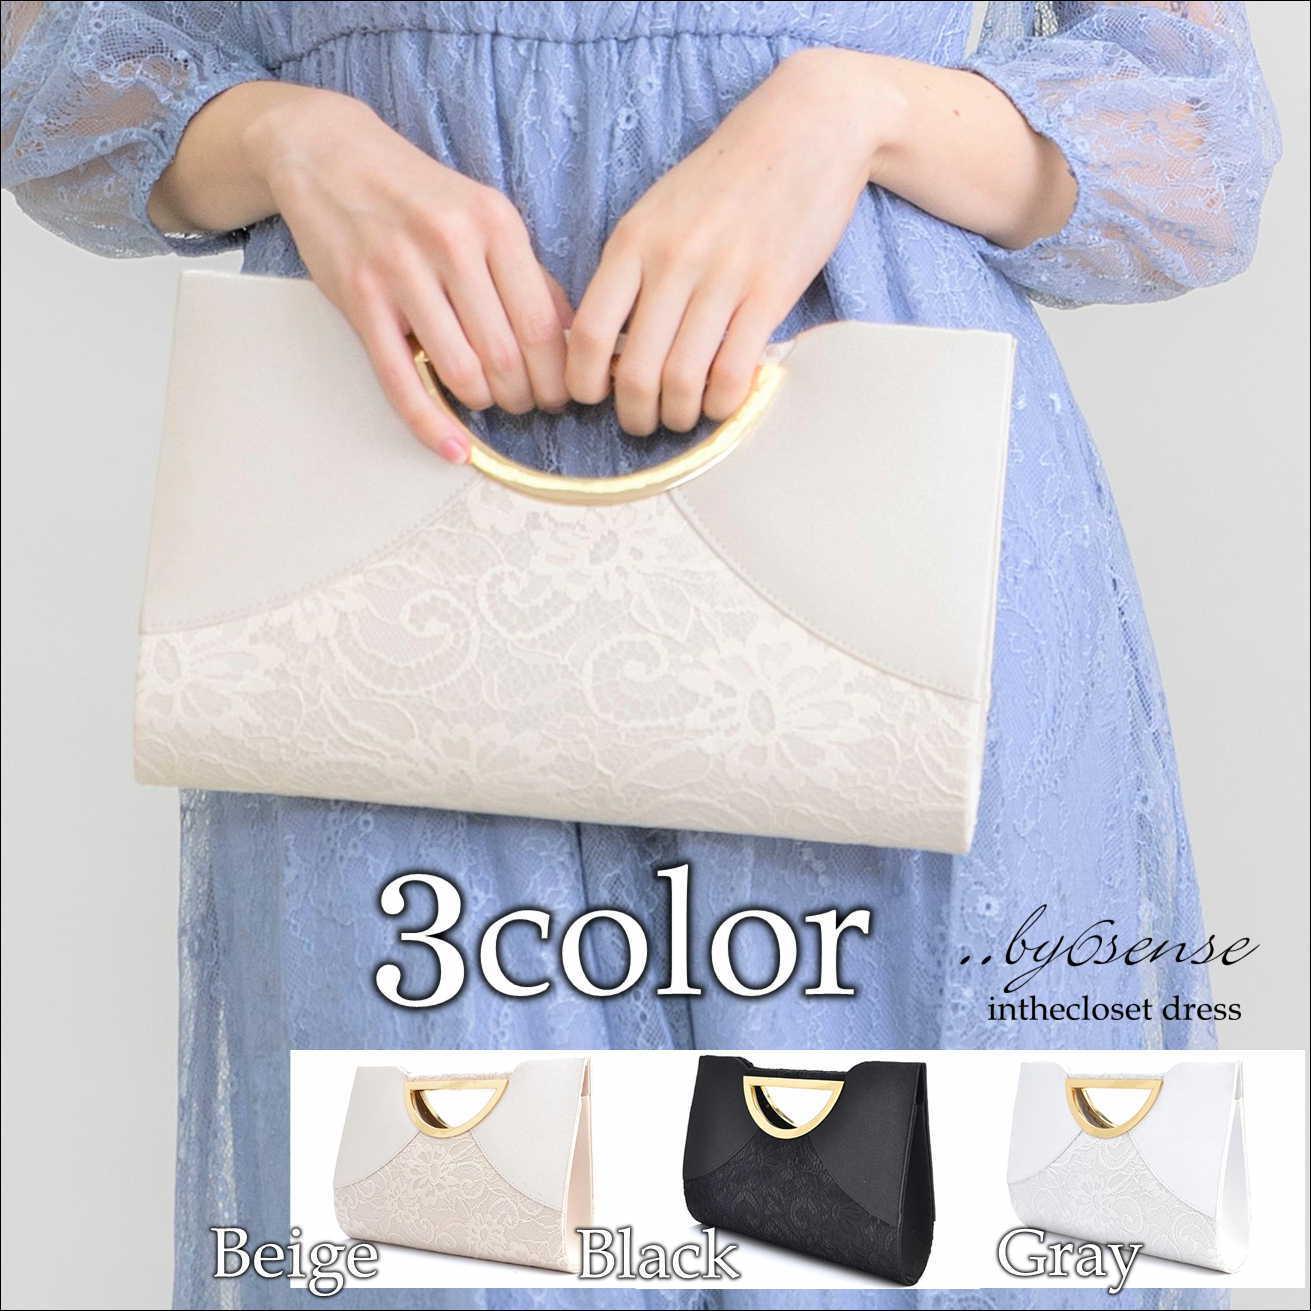 持ち手付き サテン・レースクラッチバック 3色カラー【結婚式・二次会・謝恩会・パーティバック】